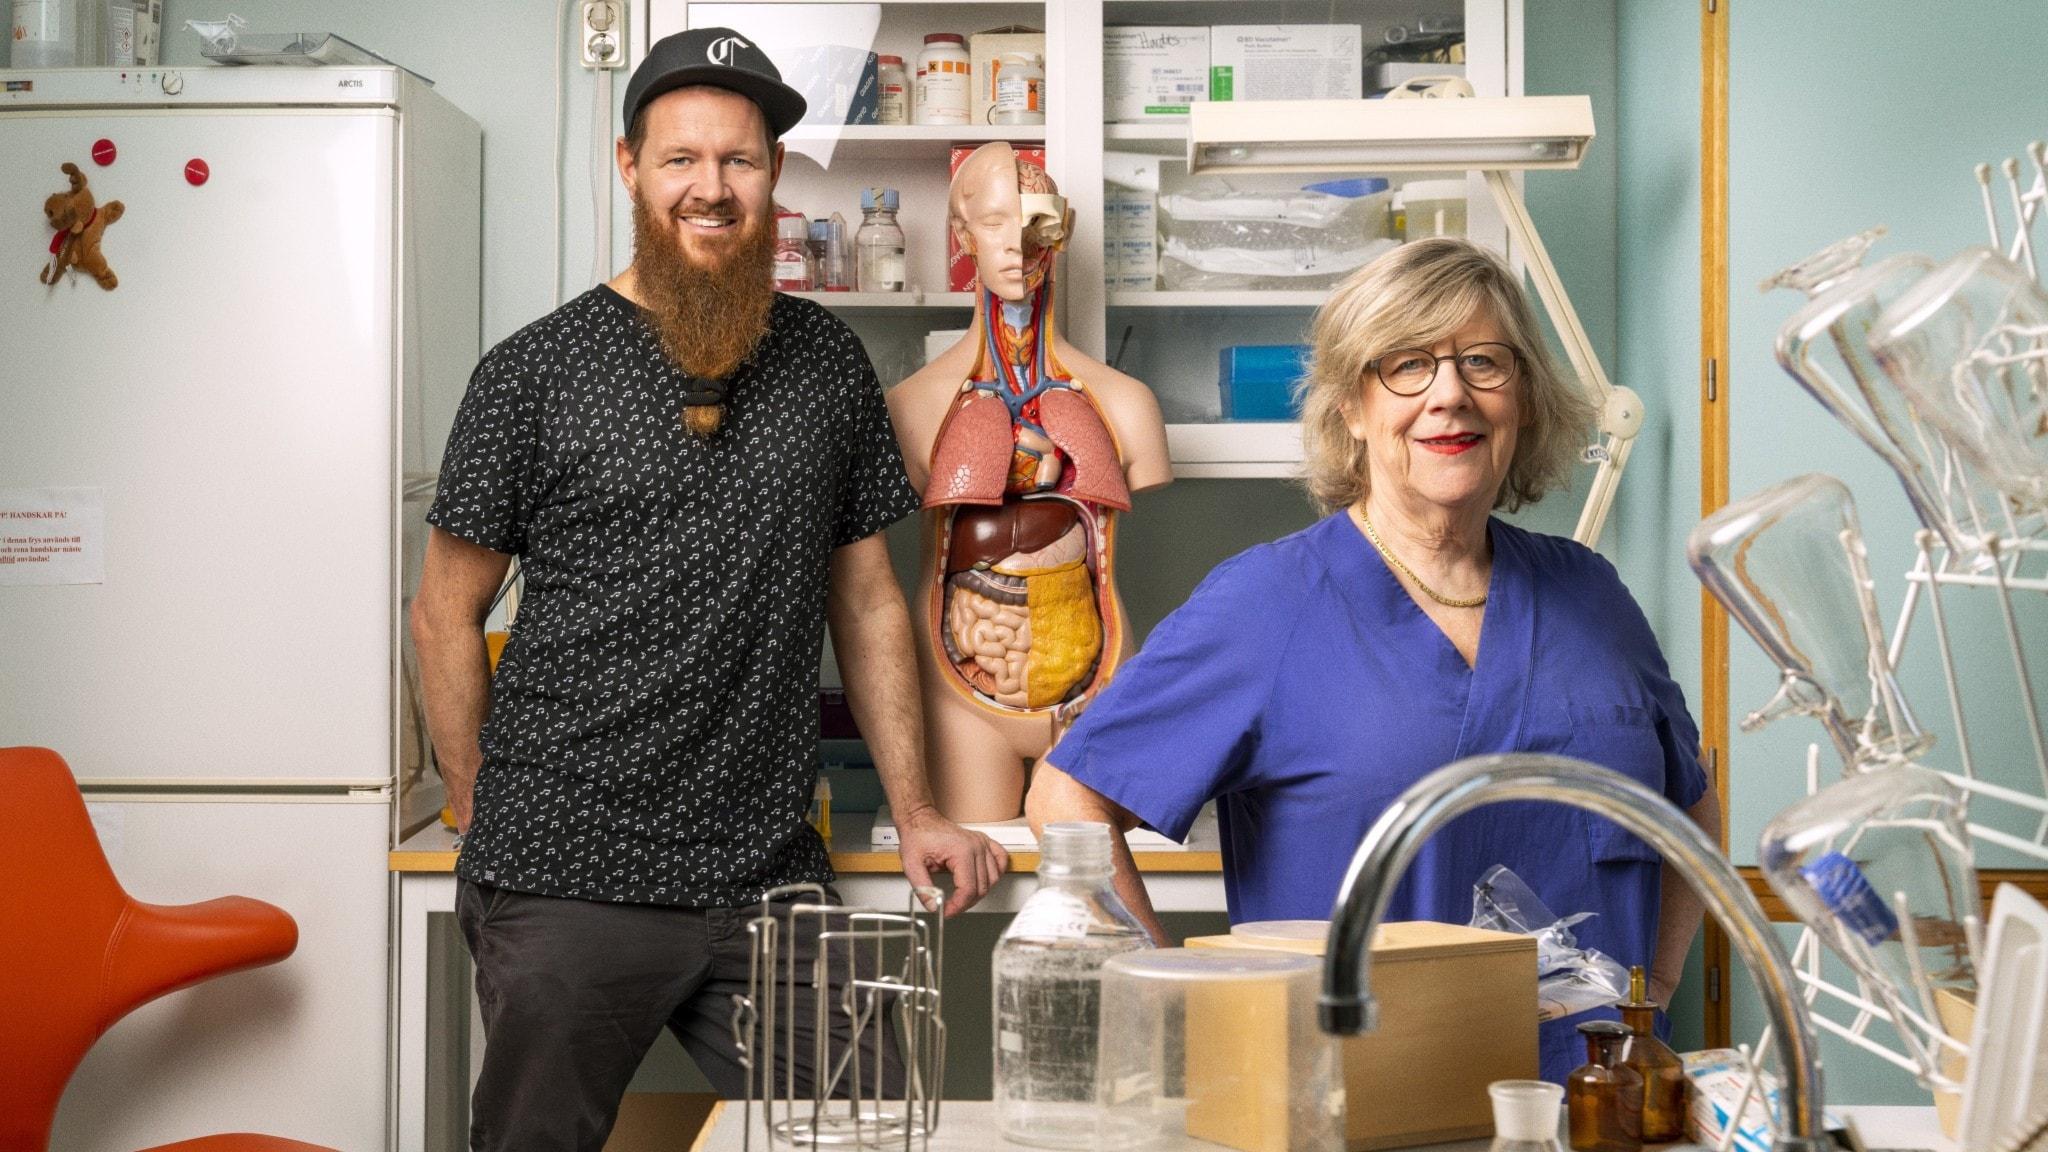 Två personer ståendes i ett laboratorium, man med skägg och keps till vänster i bild, till höger om honom en anatomisk modell över en människokropp. I förgrunden, till höger, står en kvinna med blå läkarskjorta och glasögon.